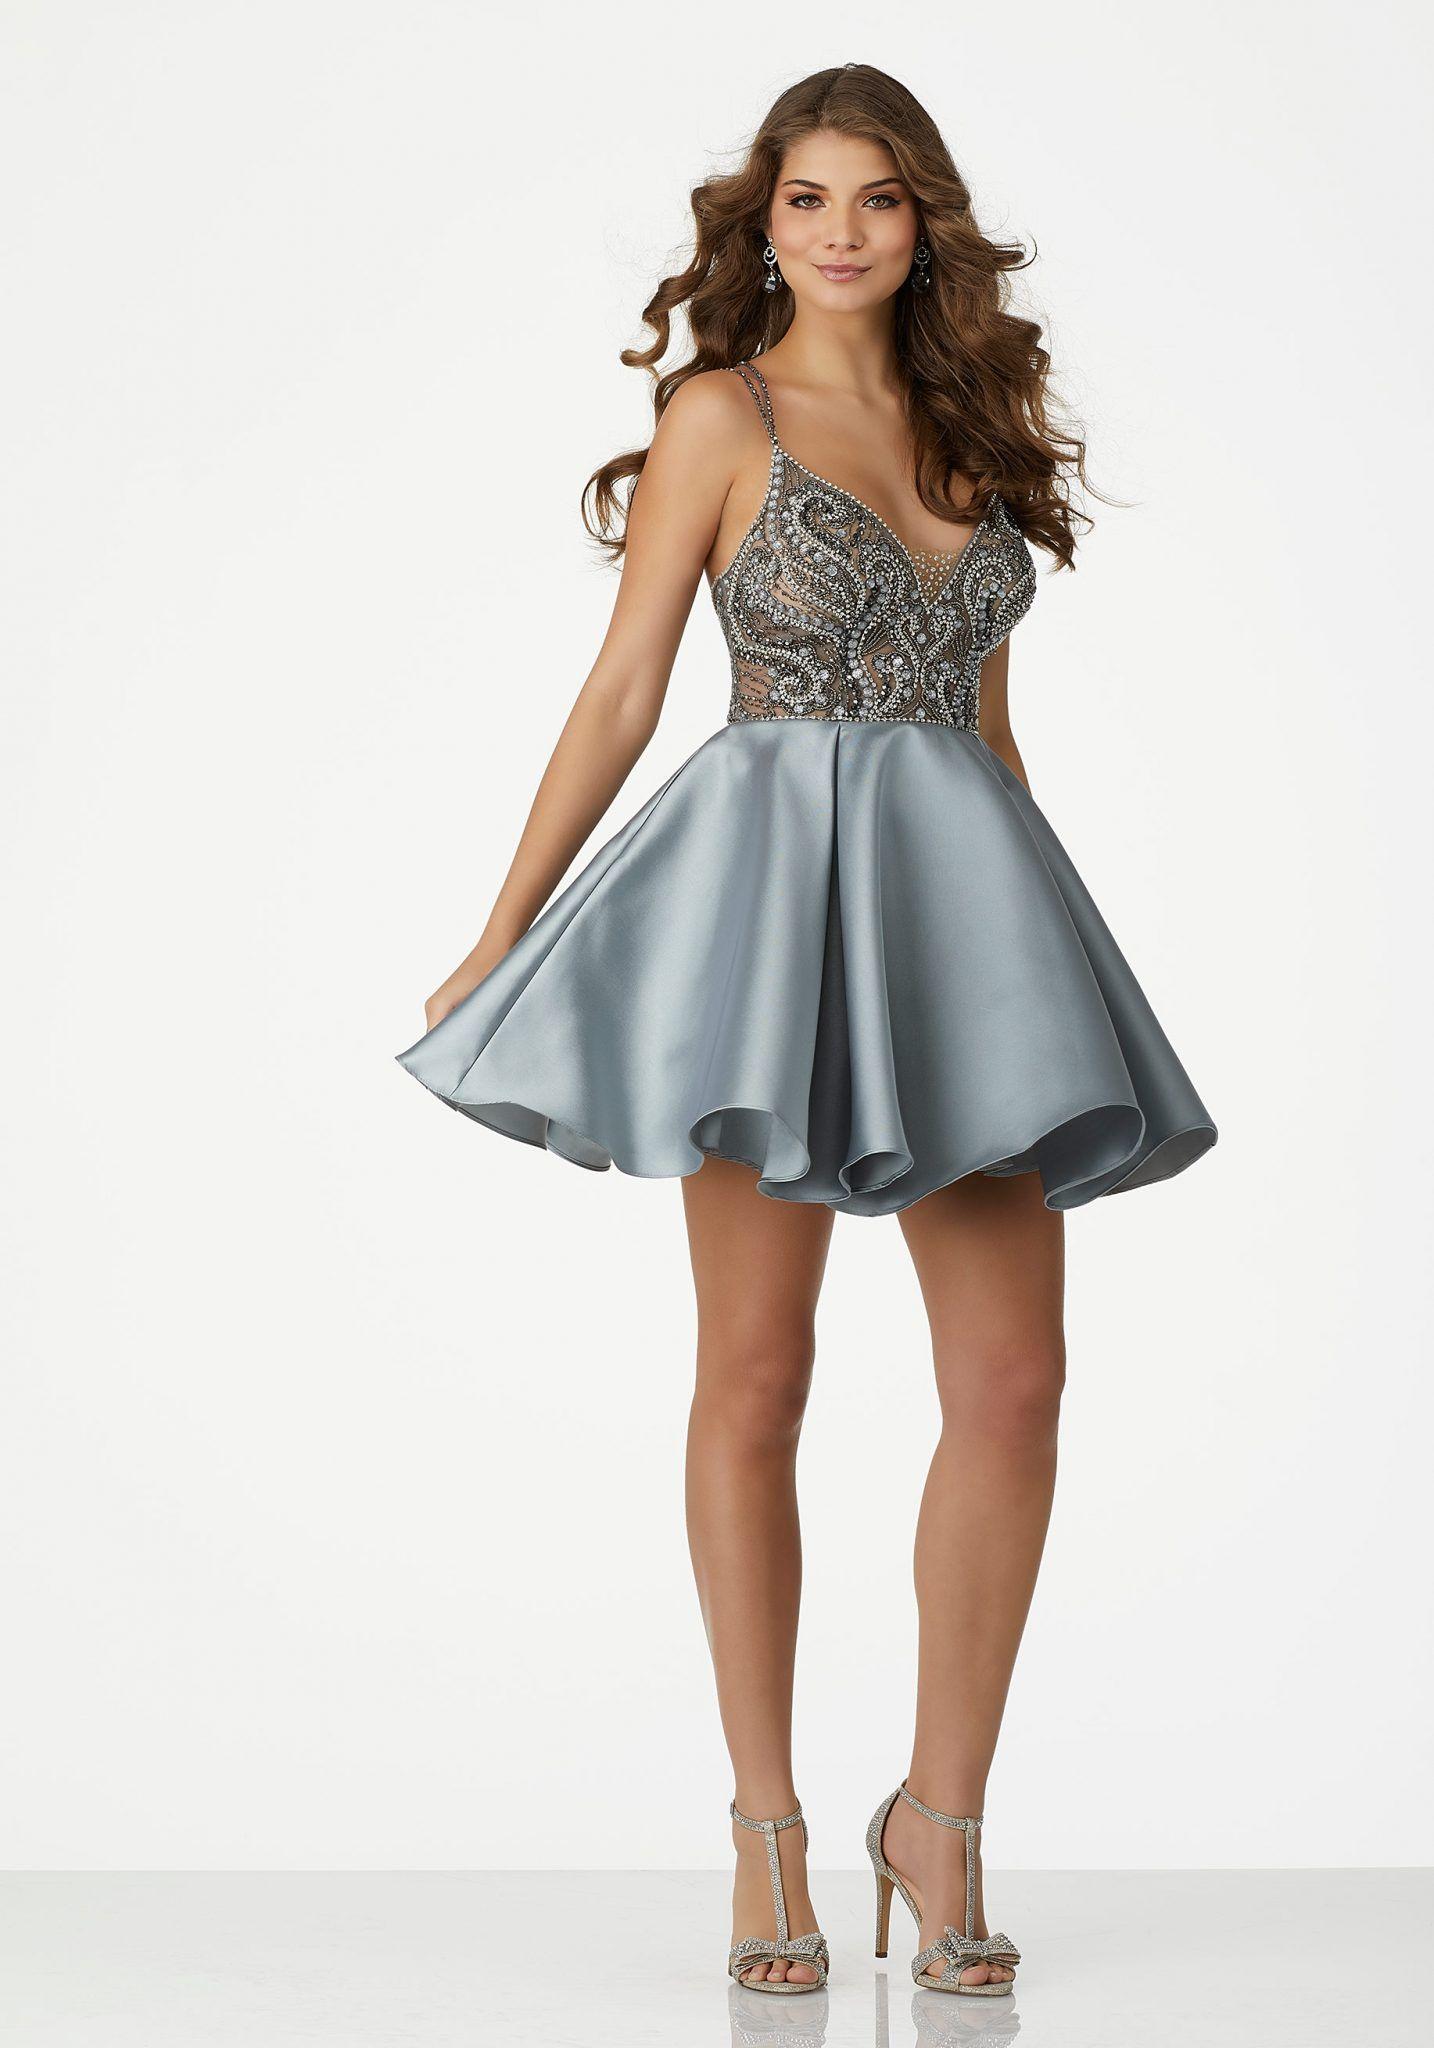 abiye elbise kısa abiye modelleri gri askılı v yakalı saten